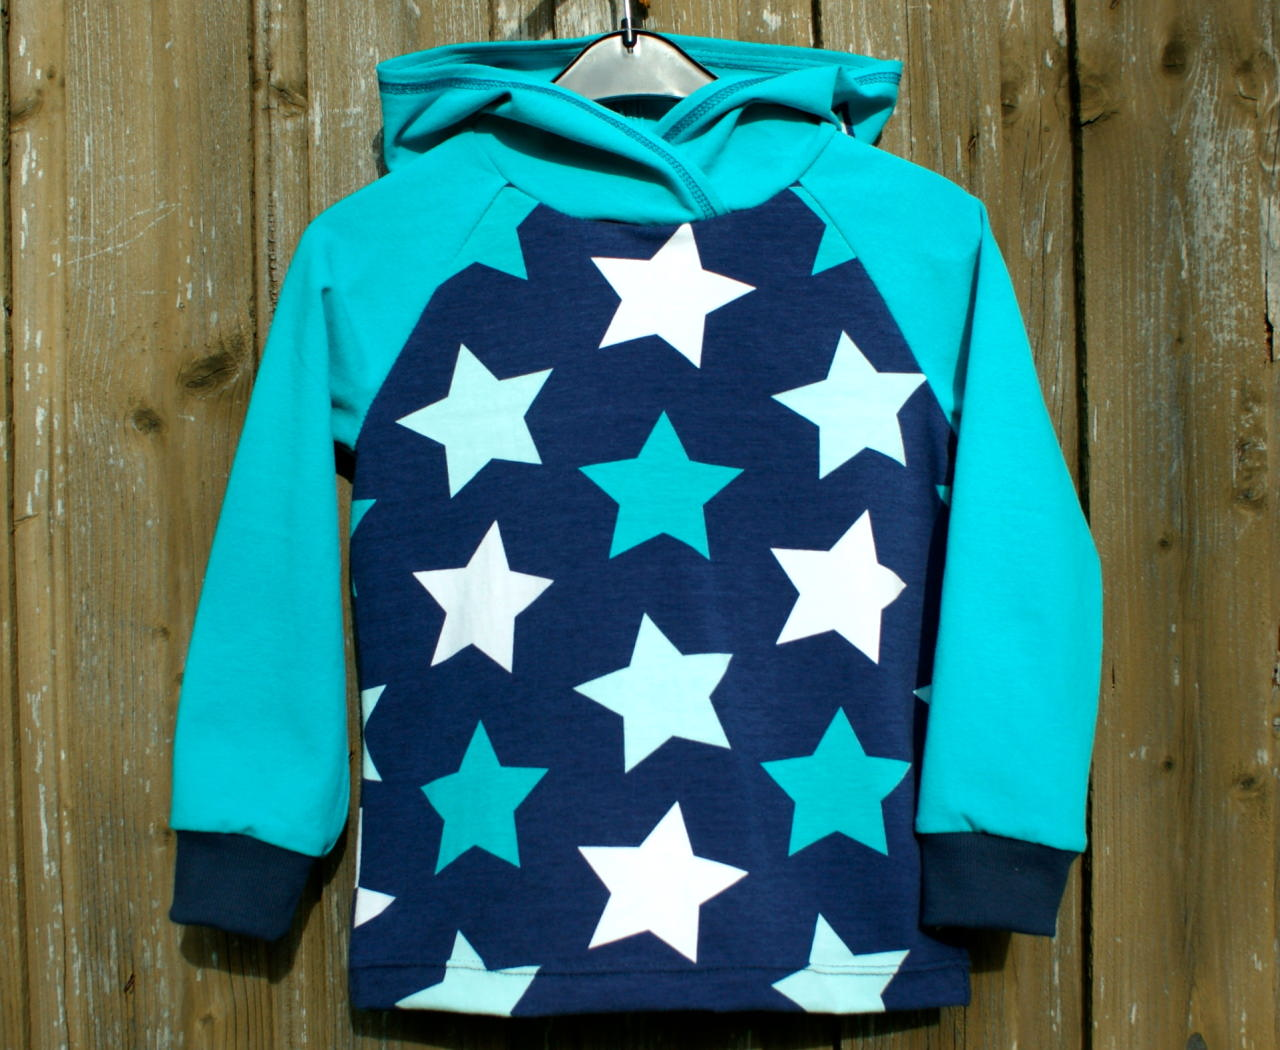 Kleinesbild - Kapuzenshirt MEGASTARS für Jungen und Mädchen Gr. 122/128 Hoodie Kapuze Sterne blau türkis Jersey Baumwolle cool lässig